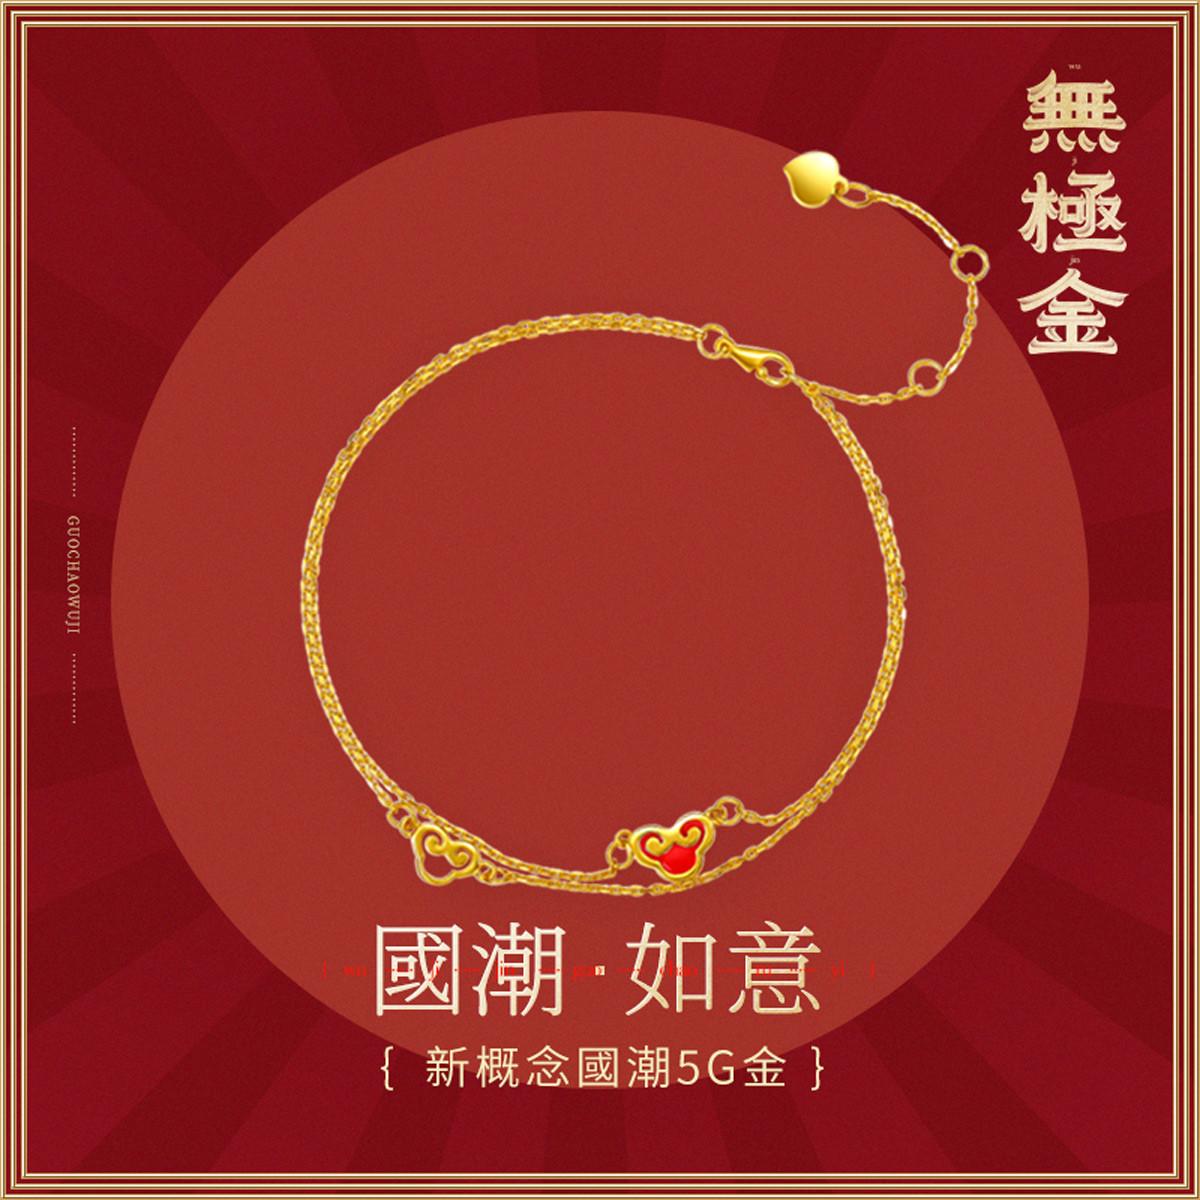 周六福周六福5G金黄金手链女国韵足金如意细链子 定价0129-HJSL015